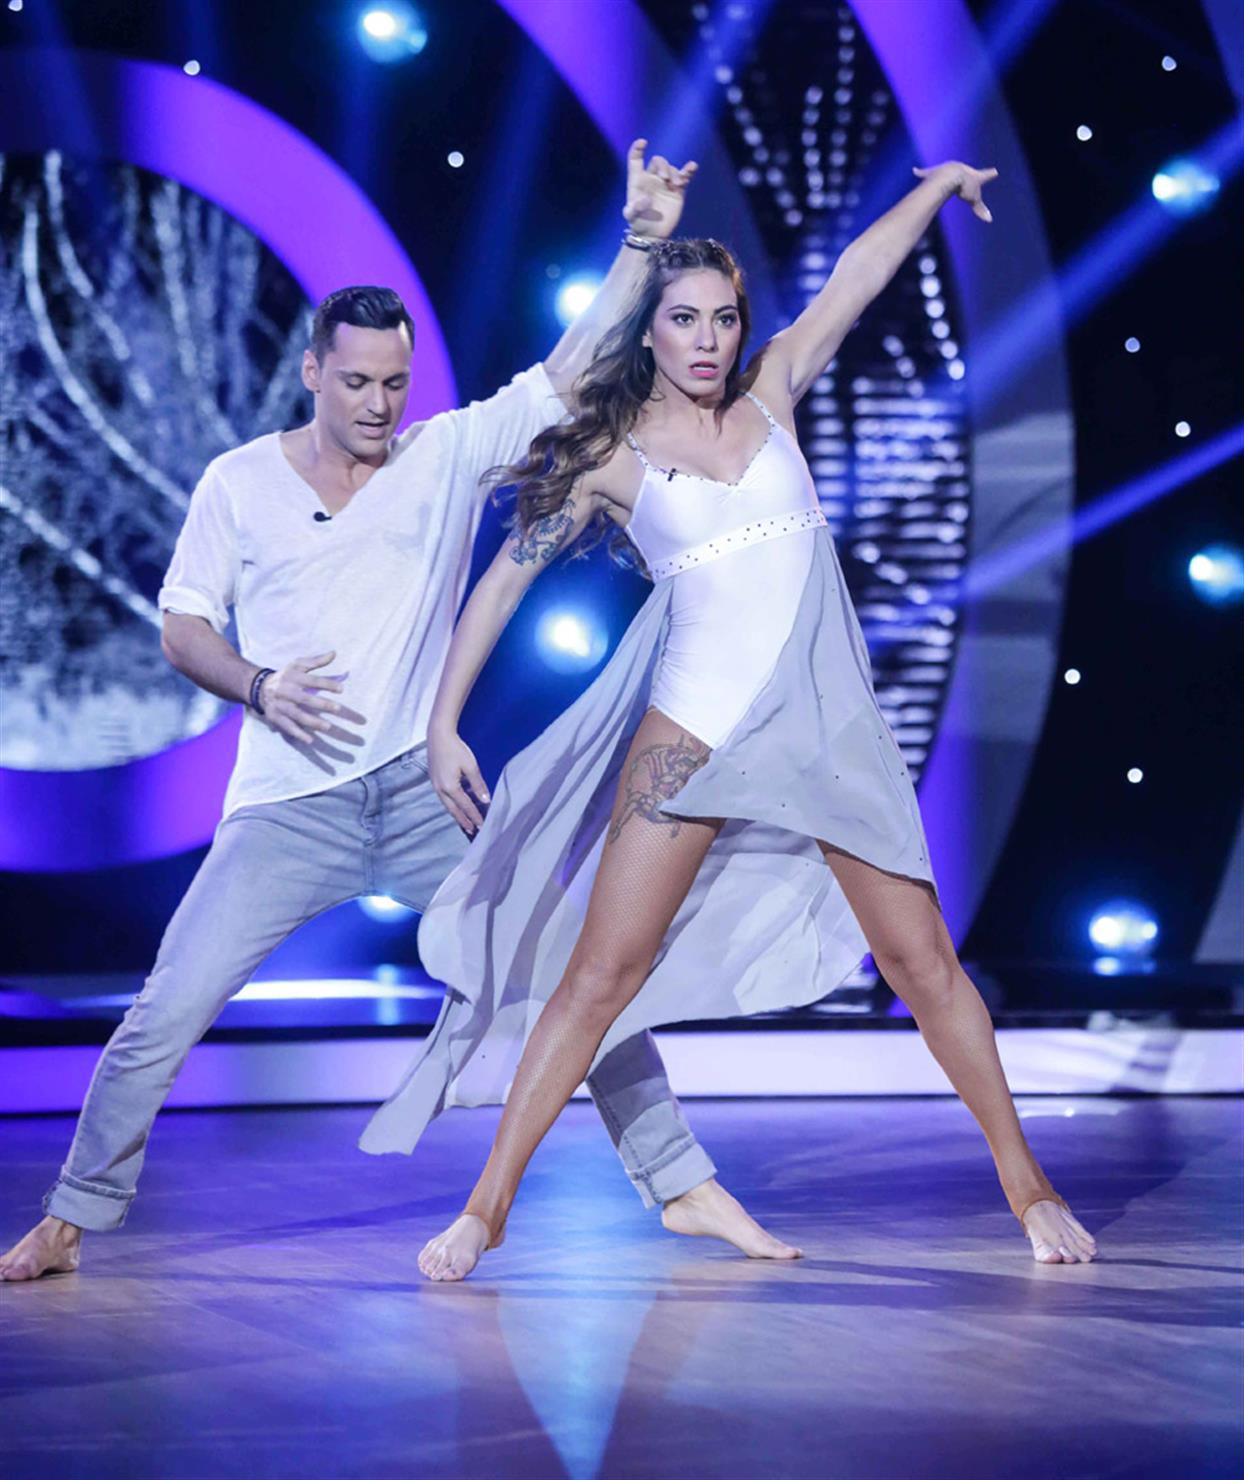 Ευρυδίκη Βαλαβάνη - DANCING WITH THE STARS - LIVE 1